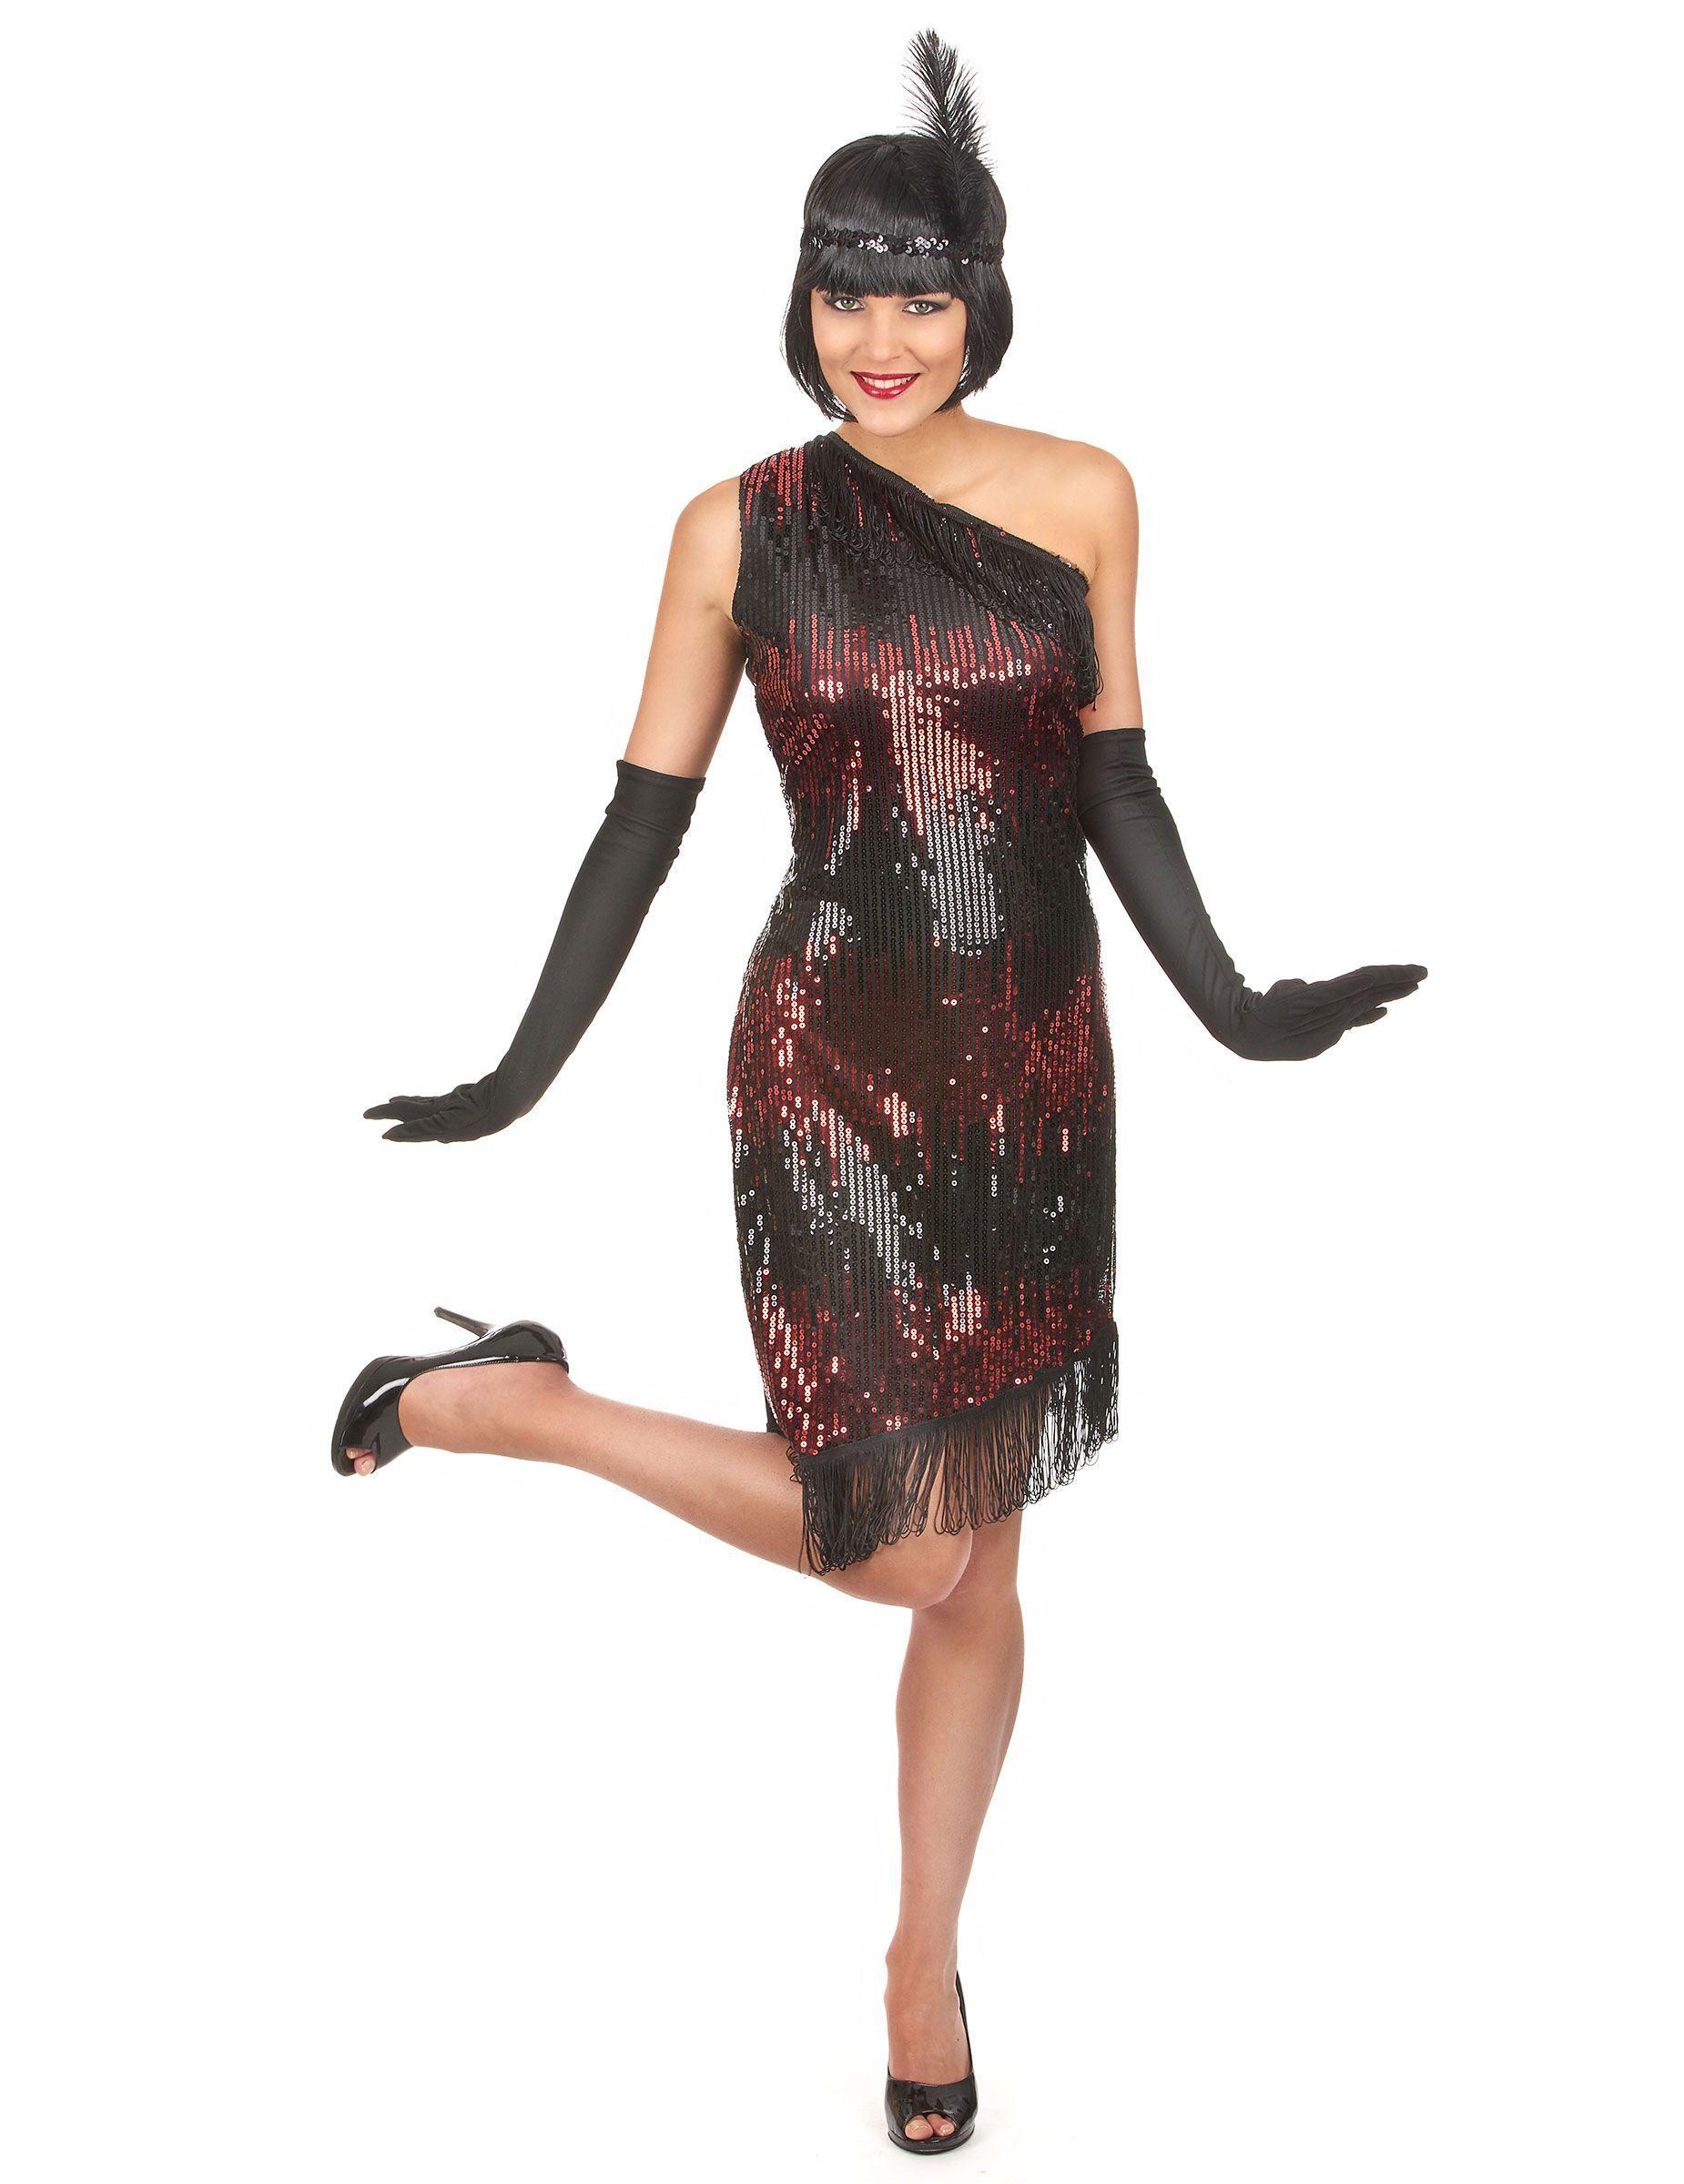 bb5e35436269c Disfraz de charlestón negro y rojo  Este disfraz de charlestón para mujer  está compuesto por un vestido negro